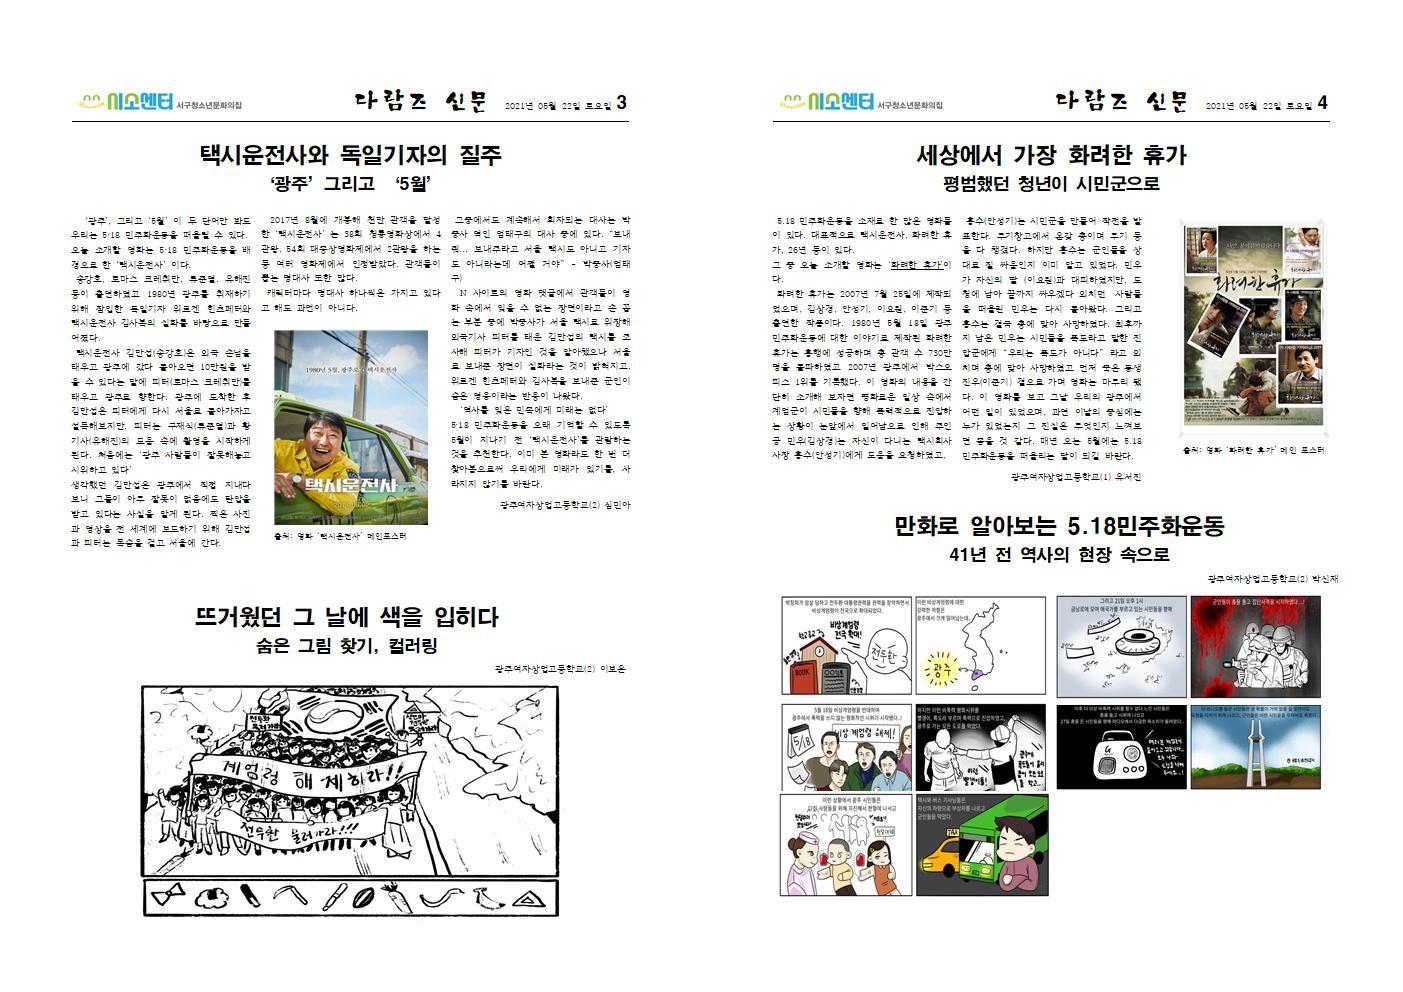 [최종] 다람즈 신문002.jpg